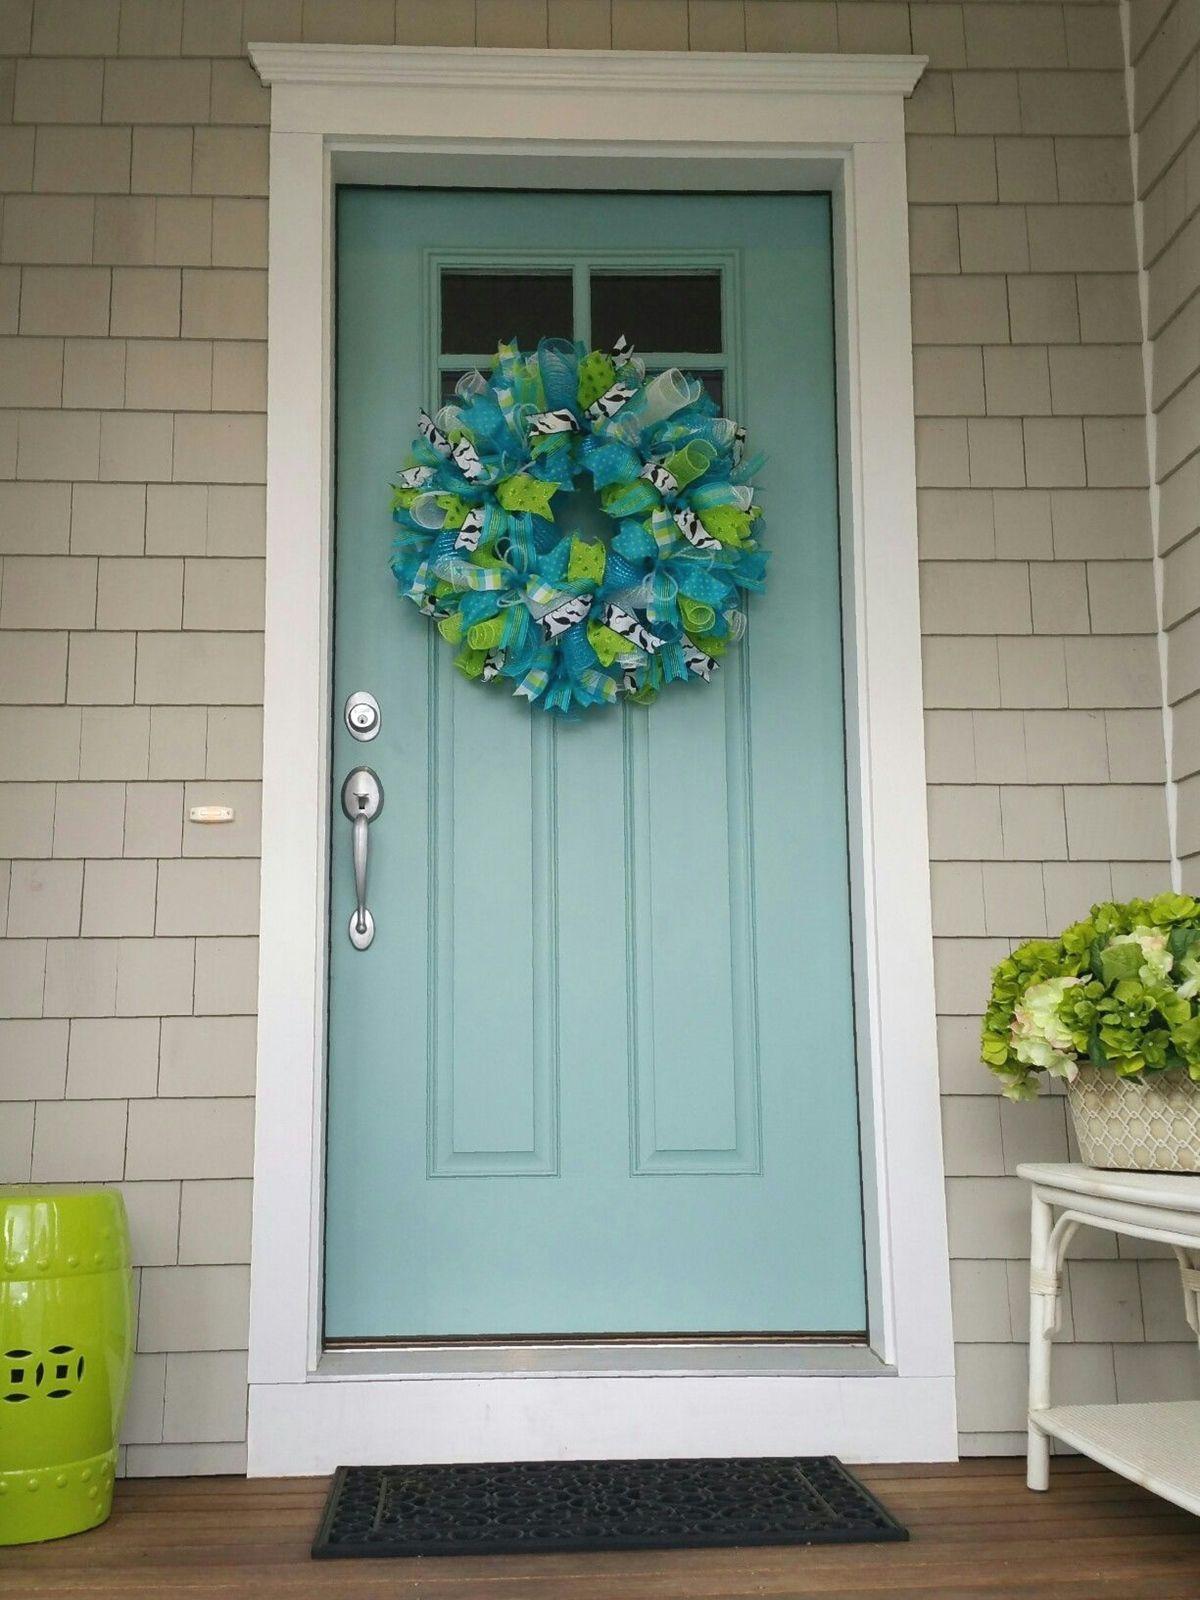 Remodeling ideas for your garage | Front door paint colors ... on Garage Door Paint Ideas  id=45704